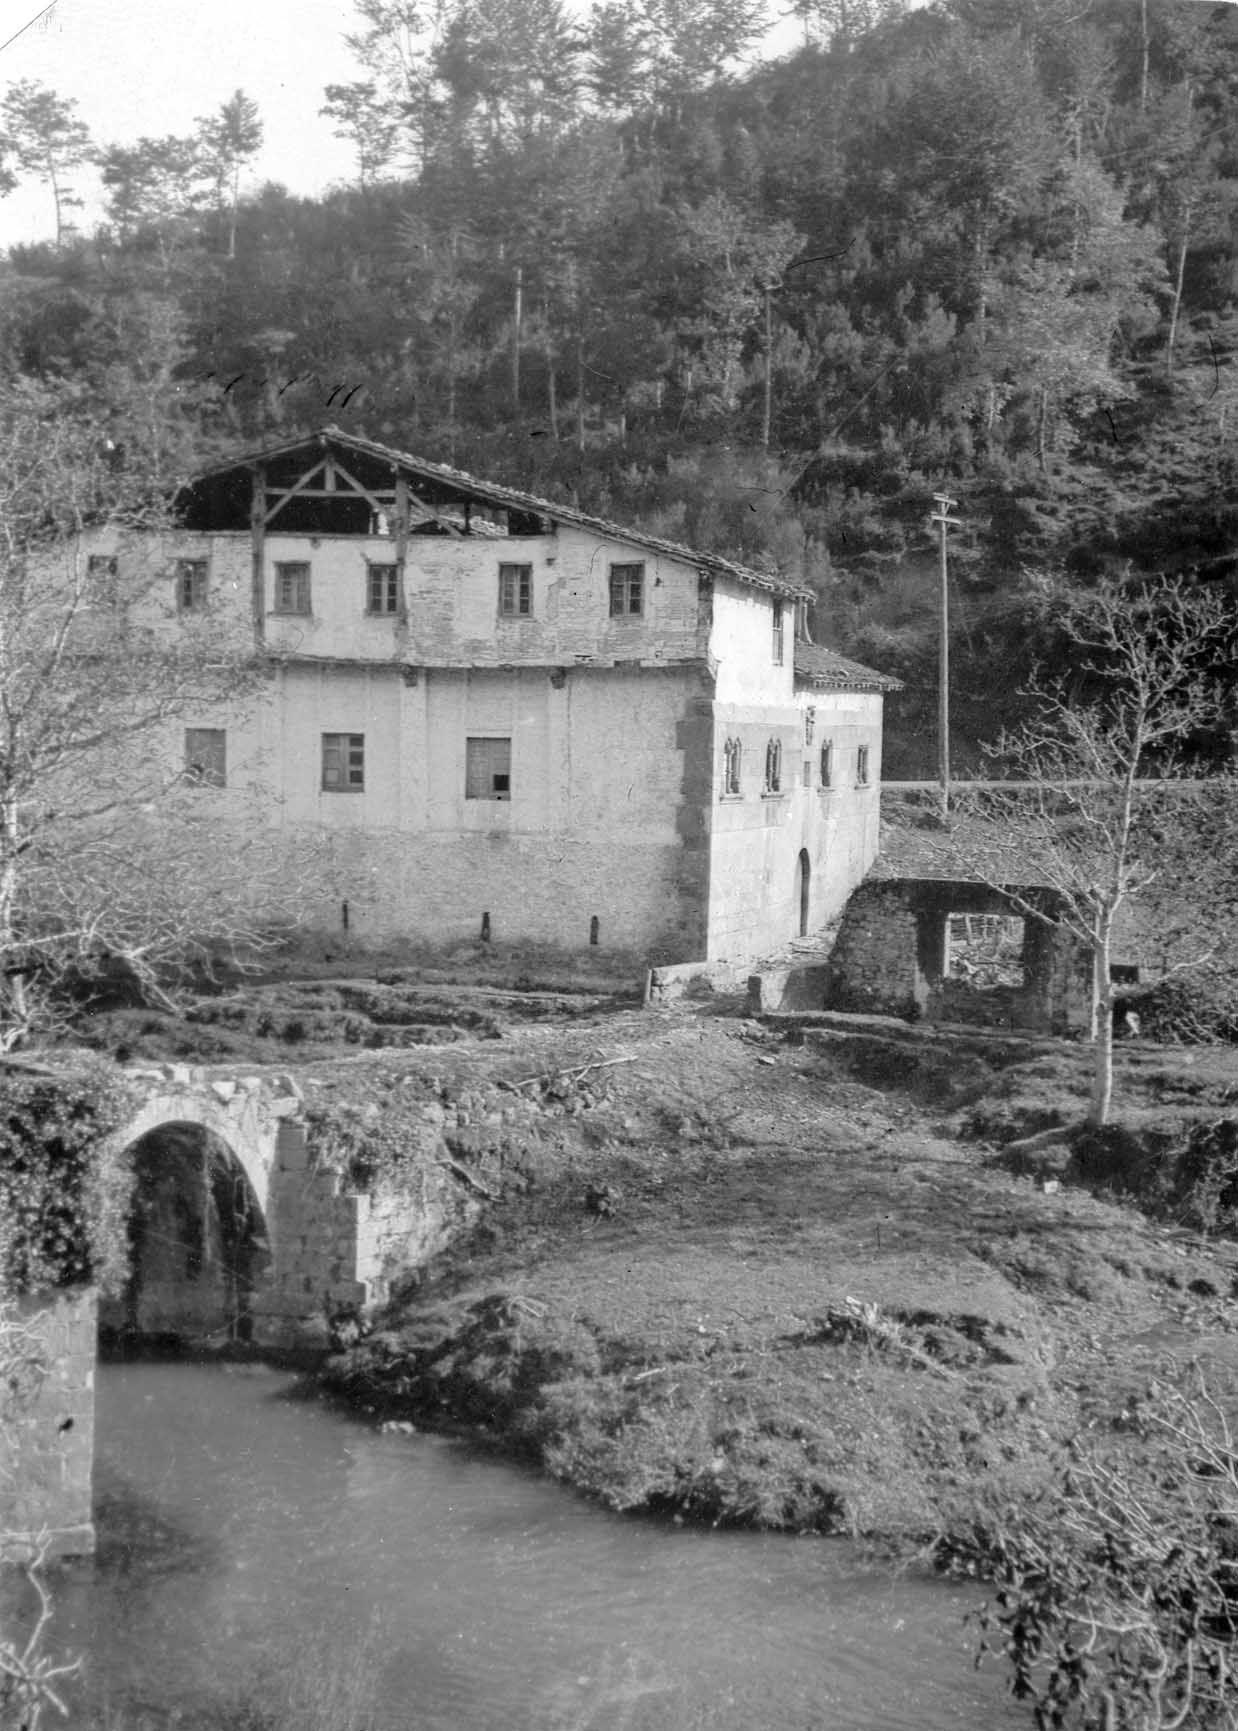 VOLUMEN Y SOPORTE: 1 fotografía en blanco y negro, negativo en película, positivo en papel